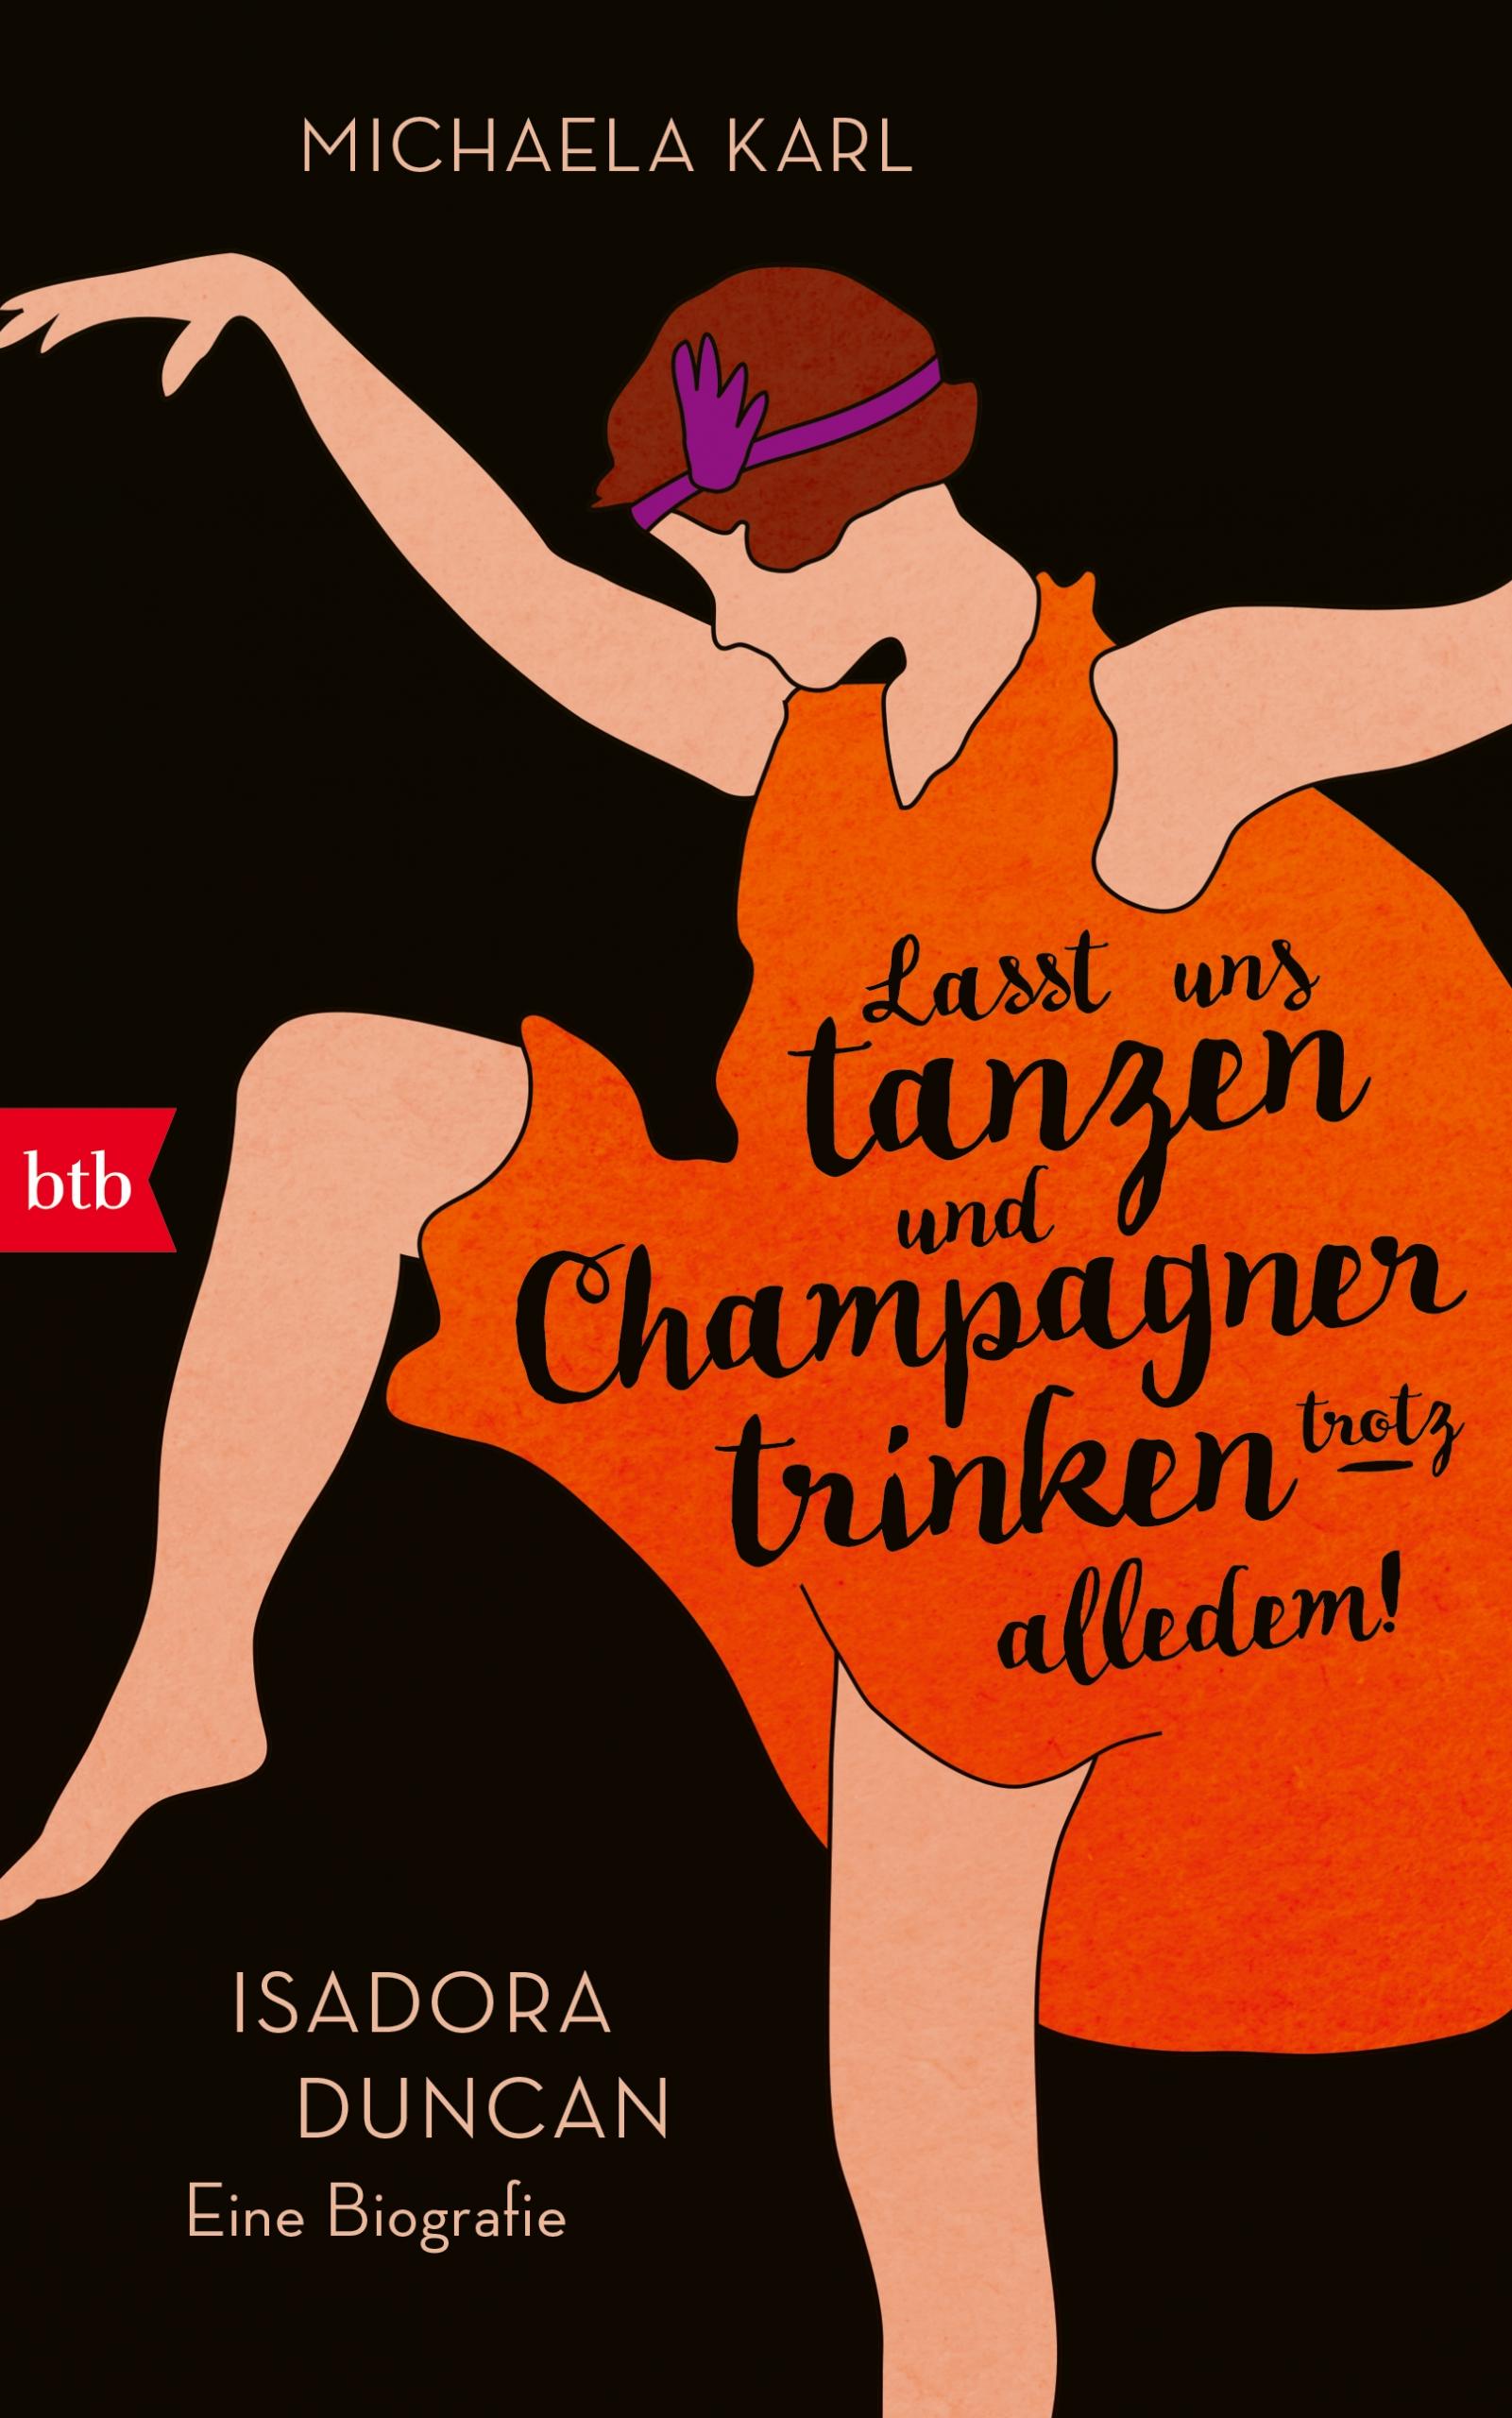 Lasst uns tanzen und Champagner trinken – trotz alledem!